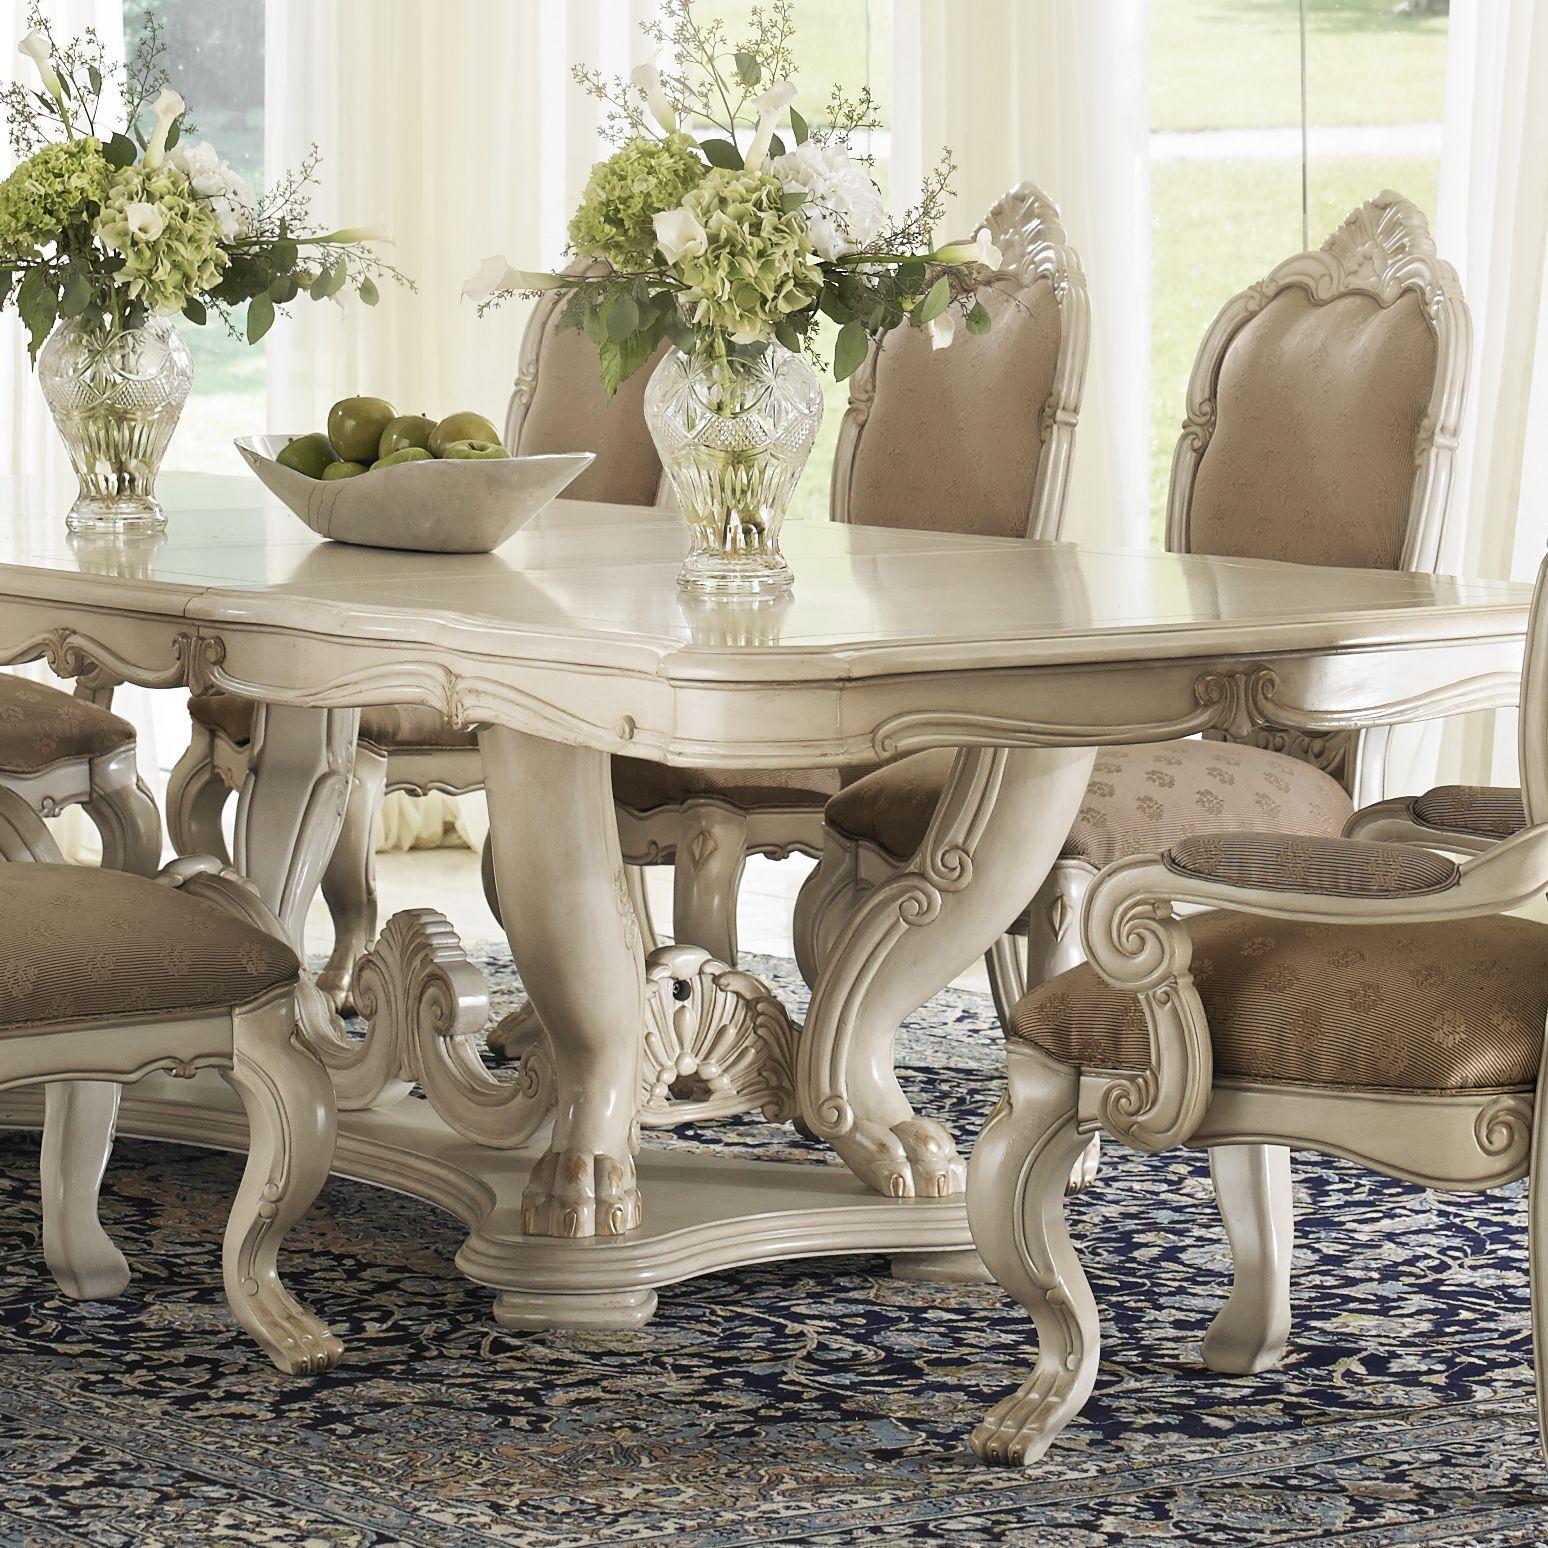 Chateau De Lago Michael Amini Furniture Designs Amini Com Dining Room Furniture Sets Table Dining Table